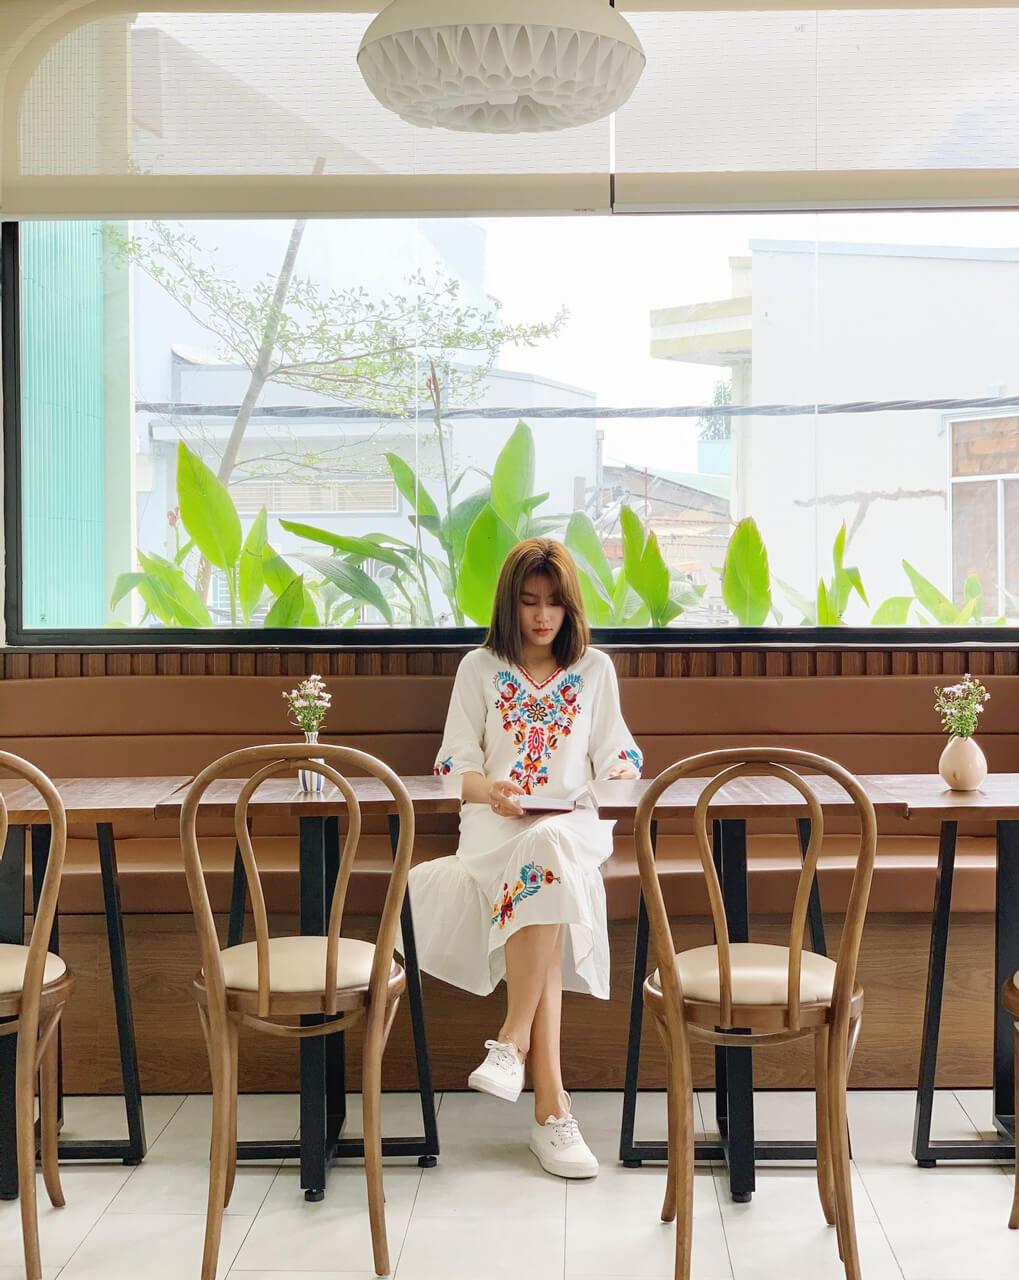 Không gian và bàn ghế sắp đặt ở Lily cafe Cần Thơ dành cho người làm việc